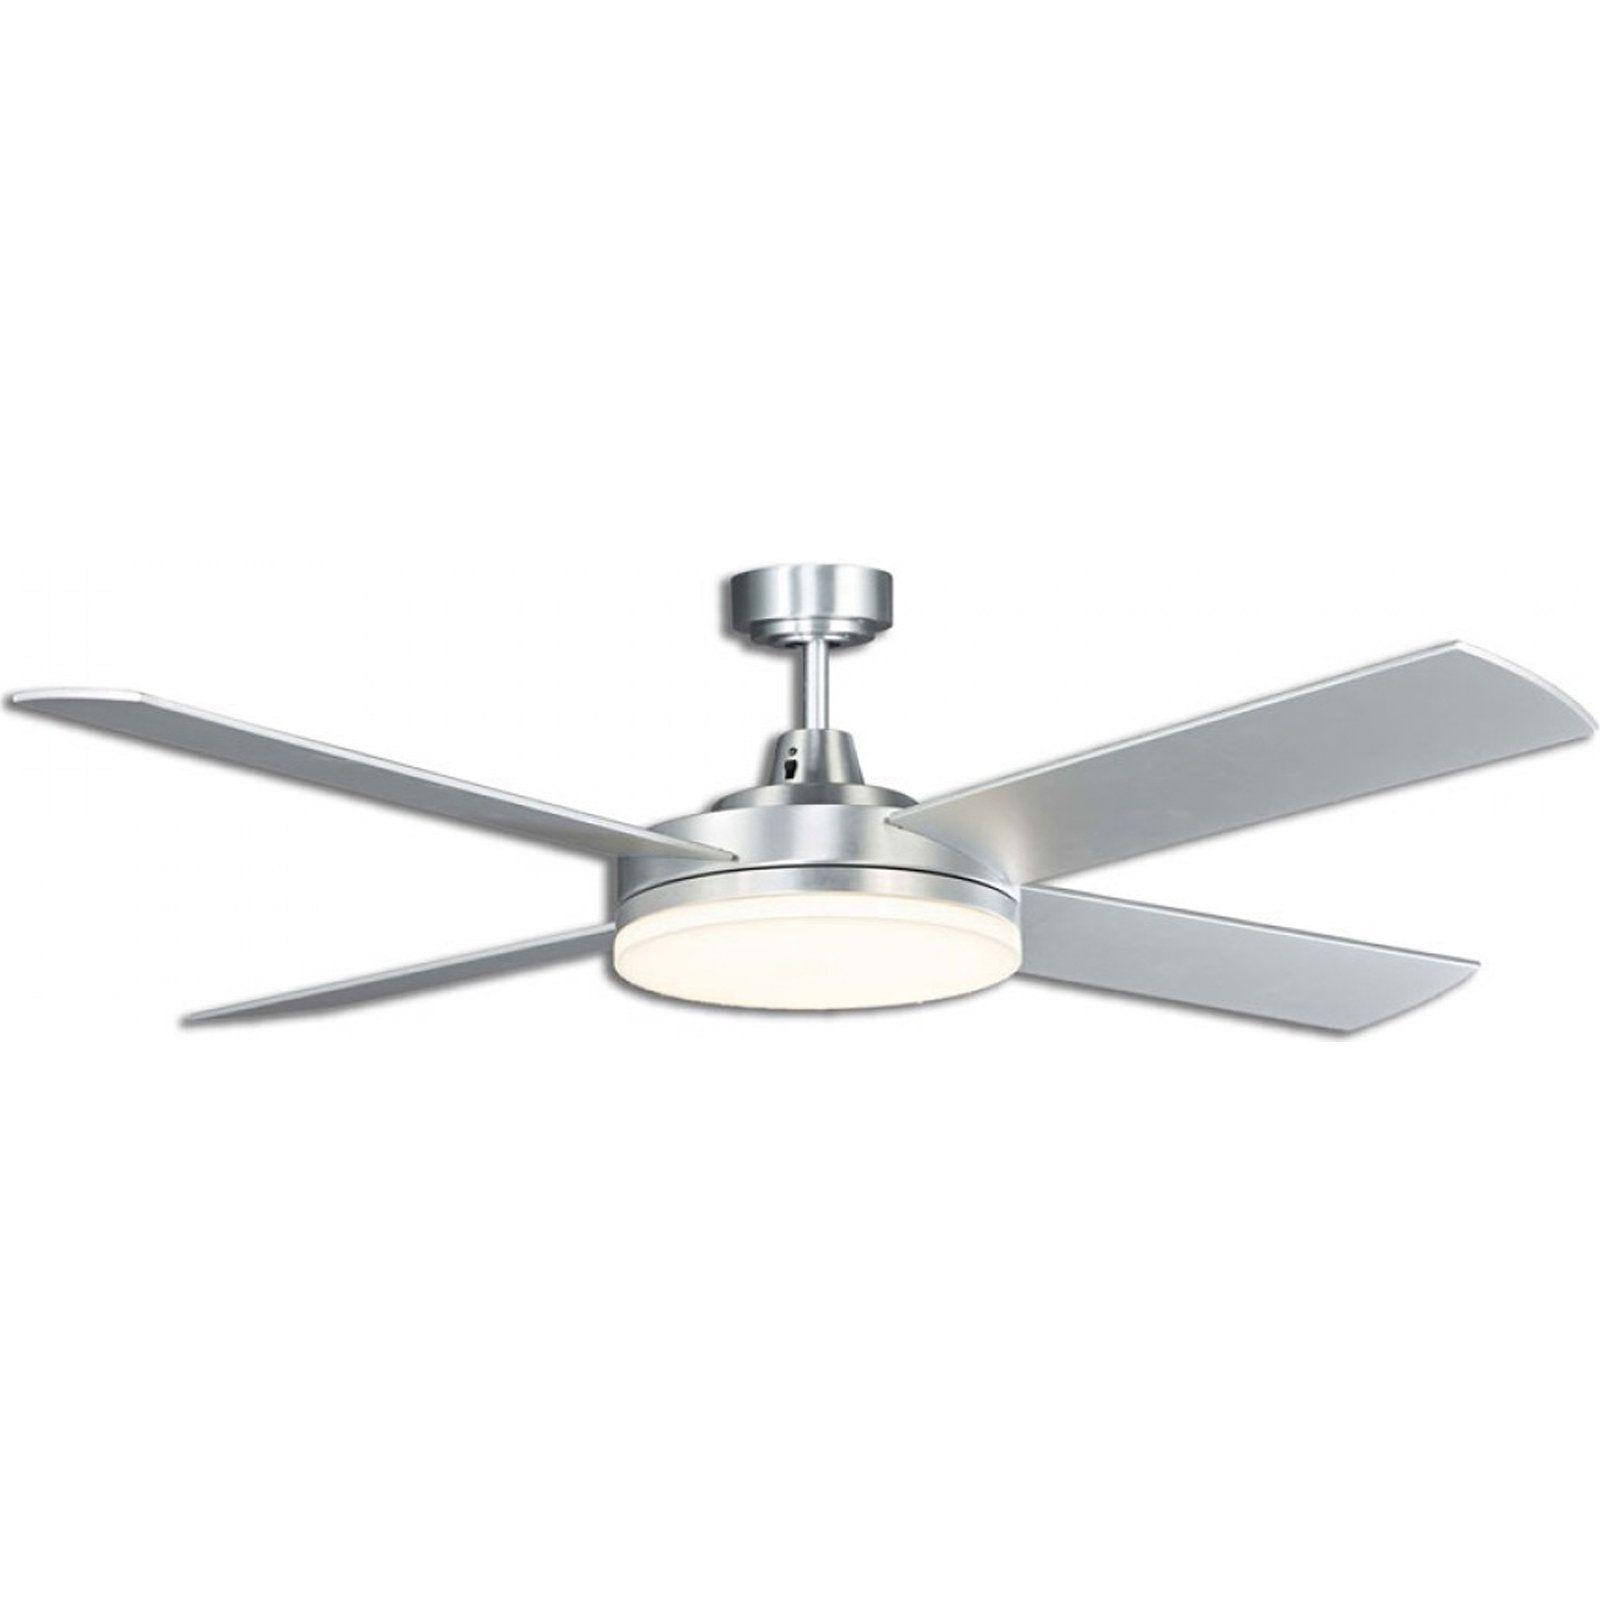 Low Profile Ceiling Fan Light Kit